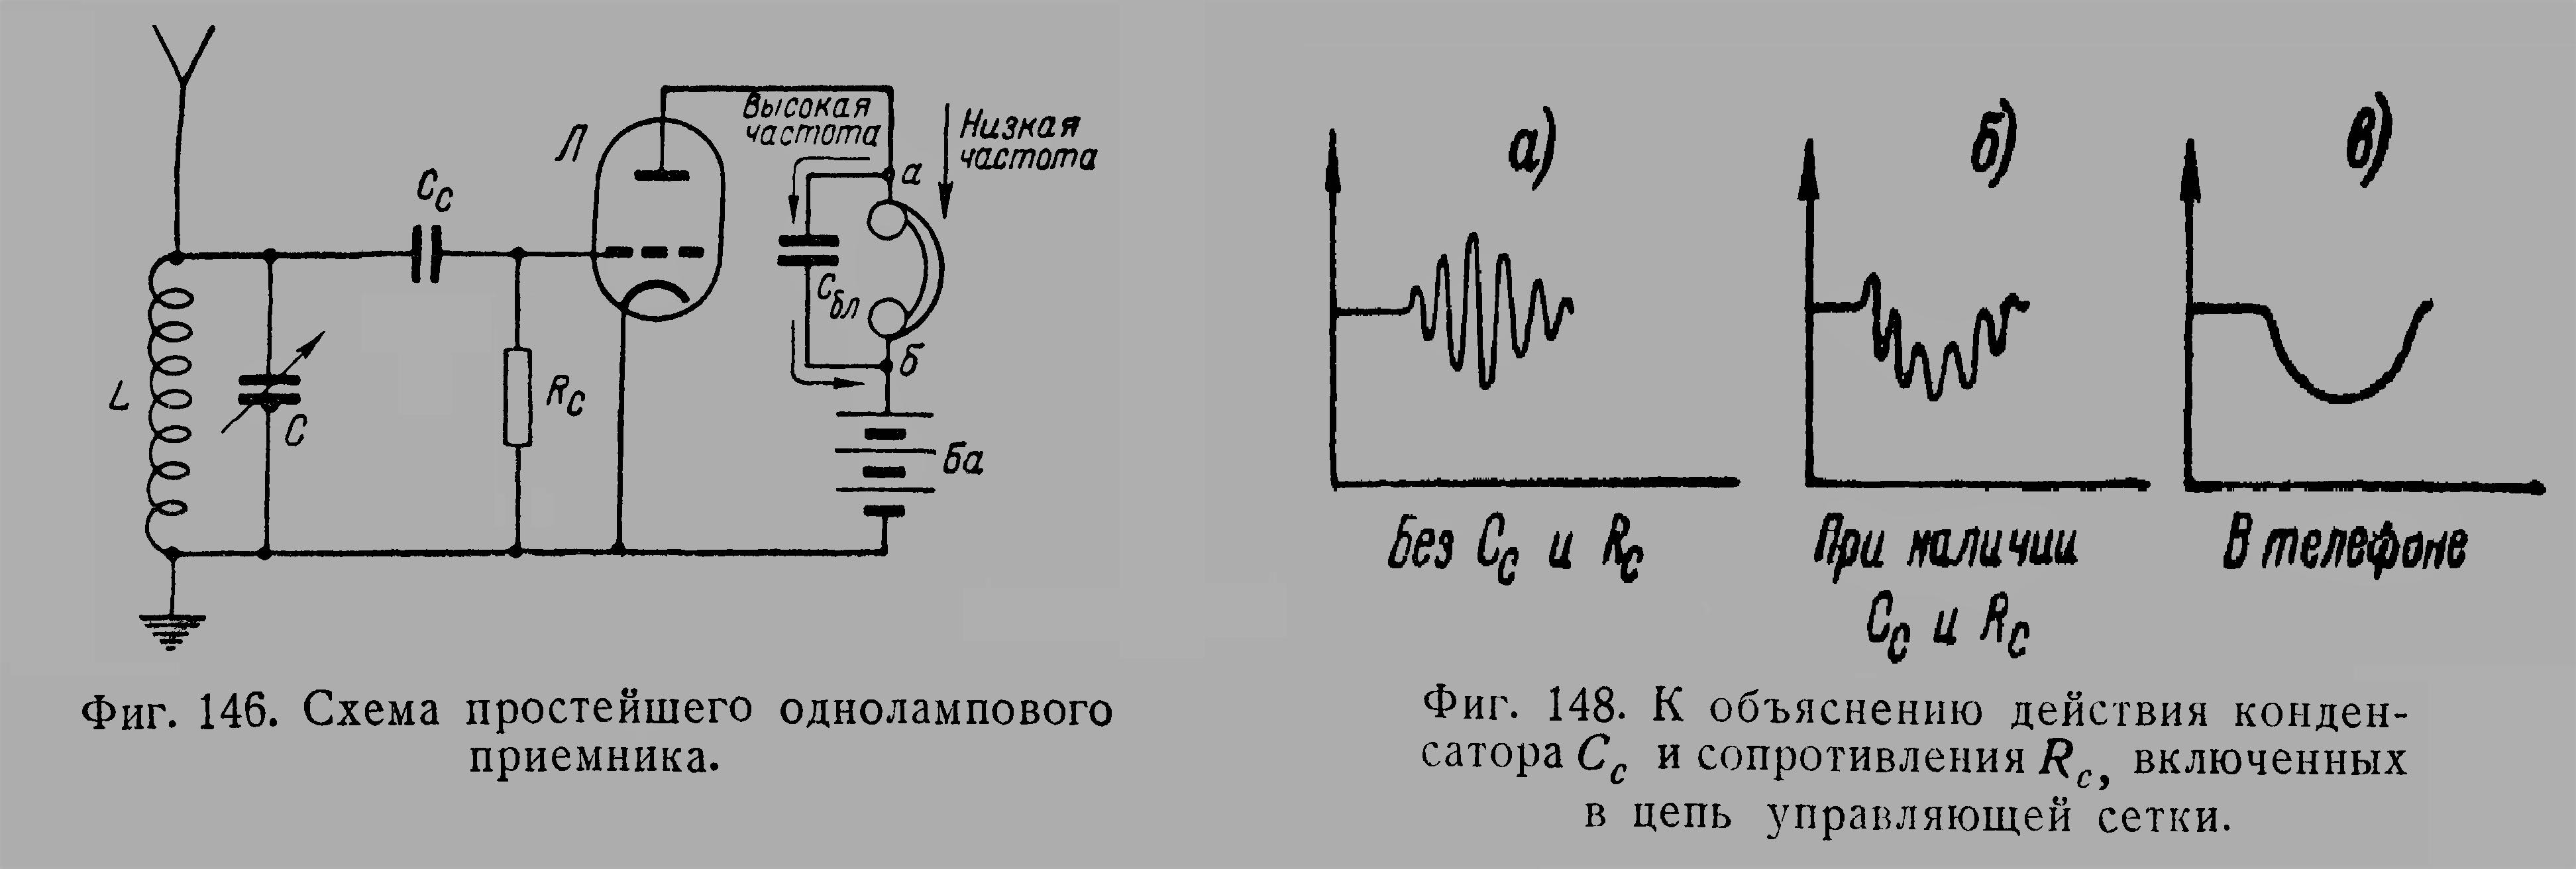 Джон Рейнарц и его легендарный радиоприёмник - 3